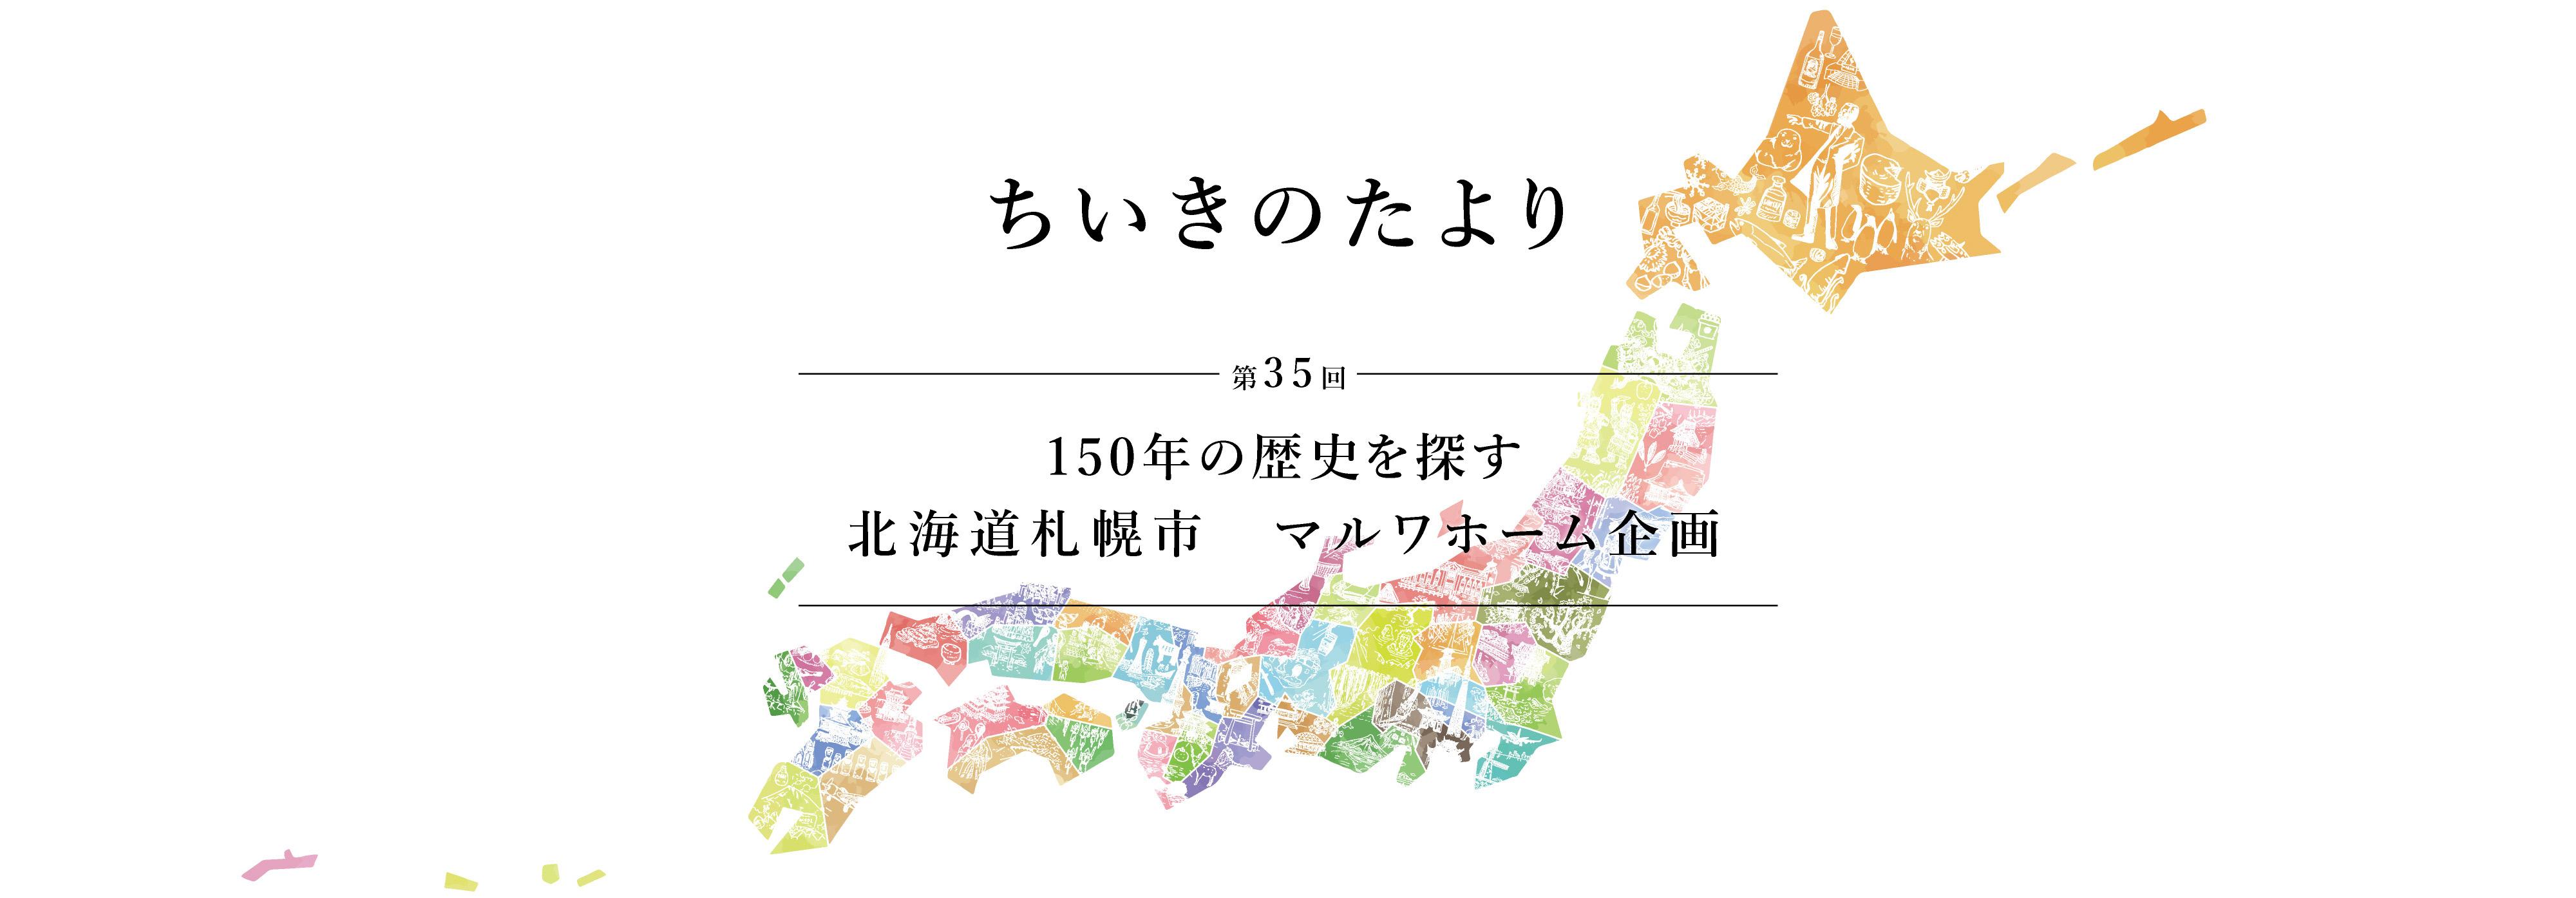 ちいきのたより第35回 150年の歴史を探す札幌マルワホーム企画